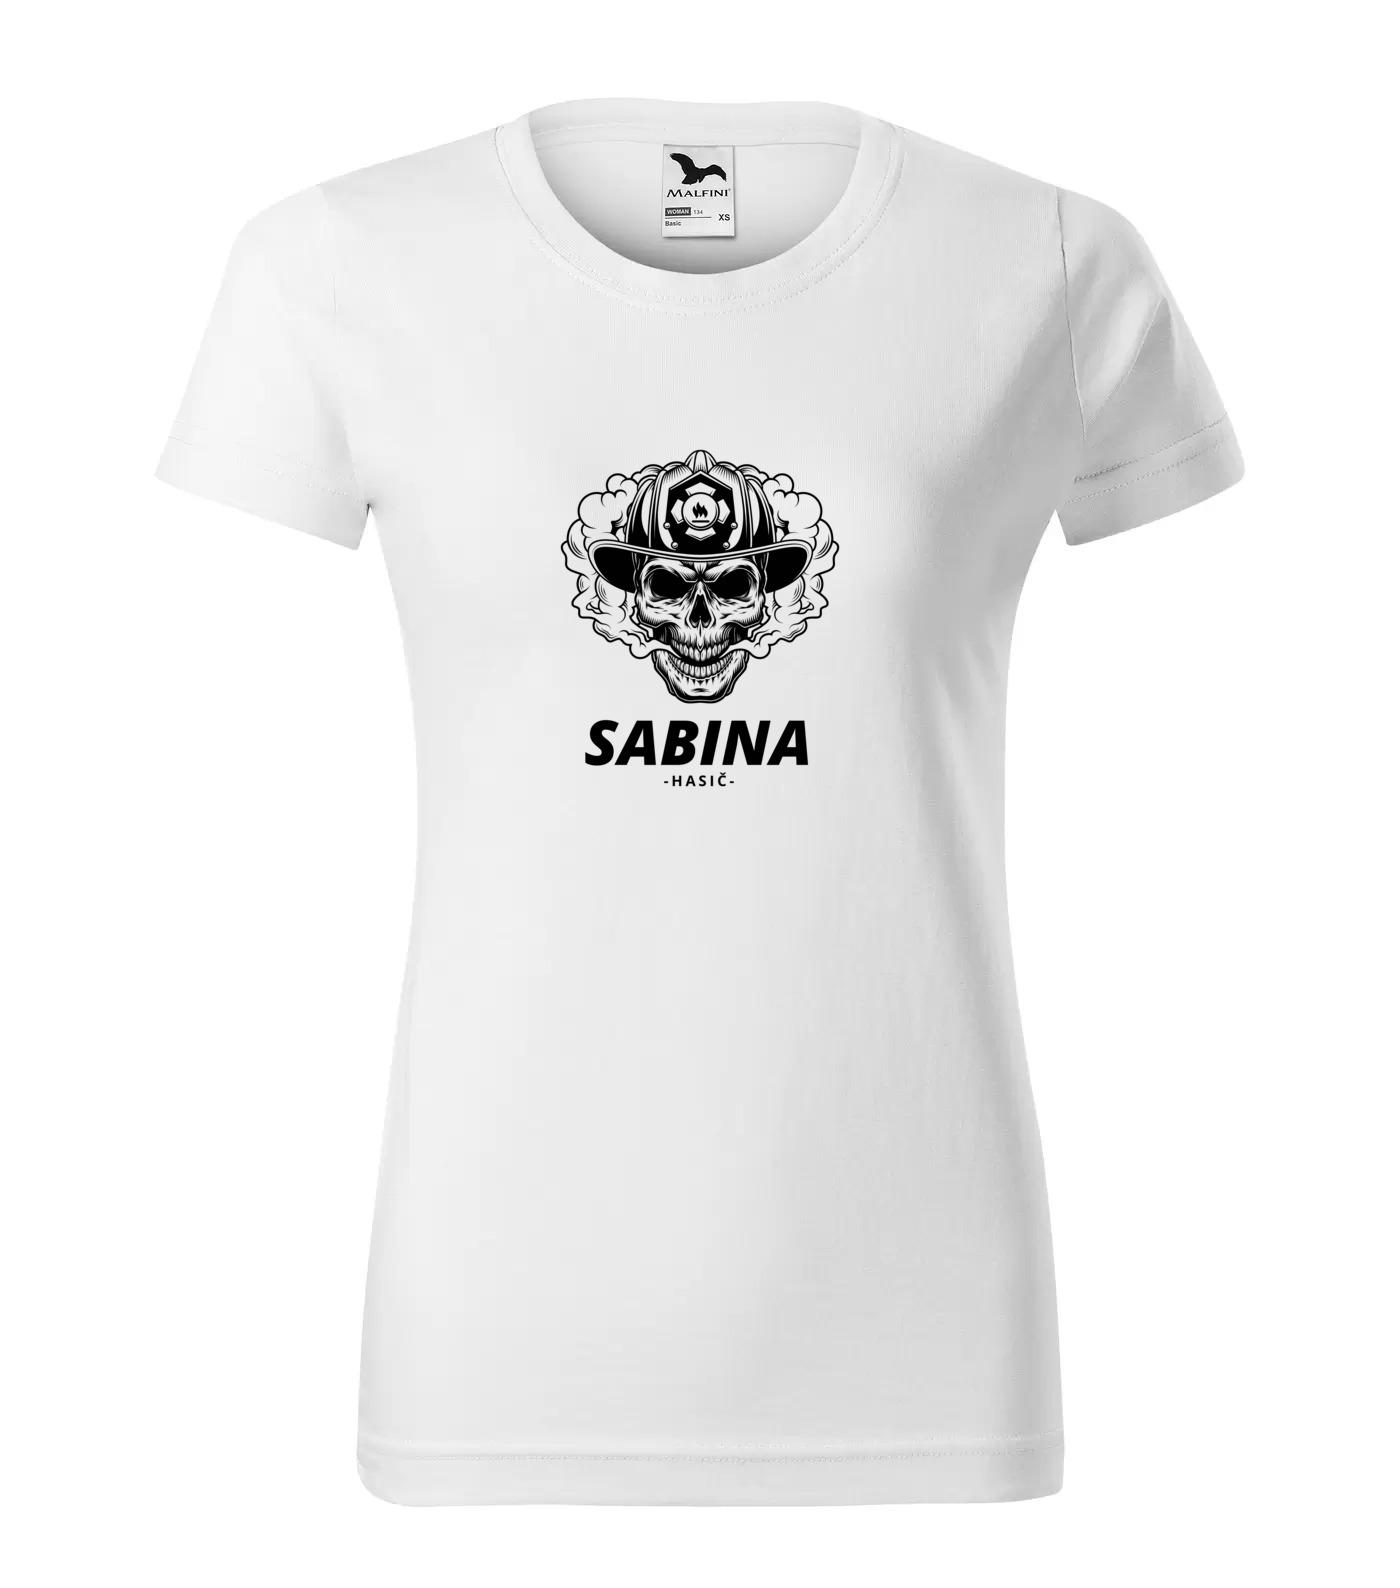 Tričko Hasič Sabina